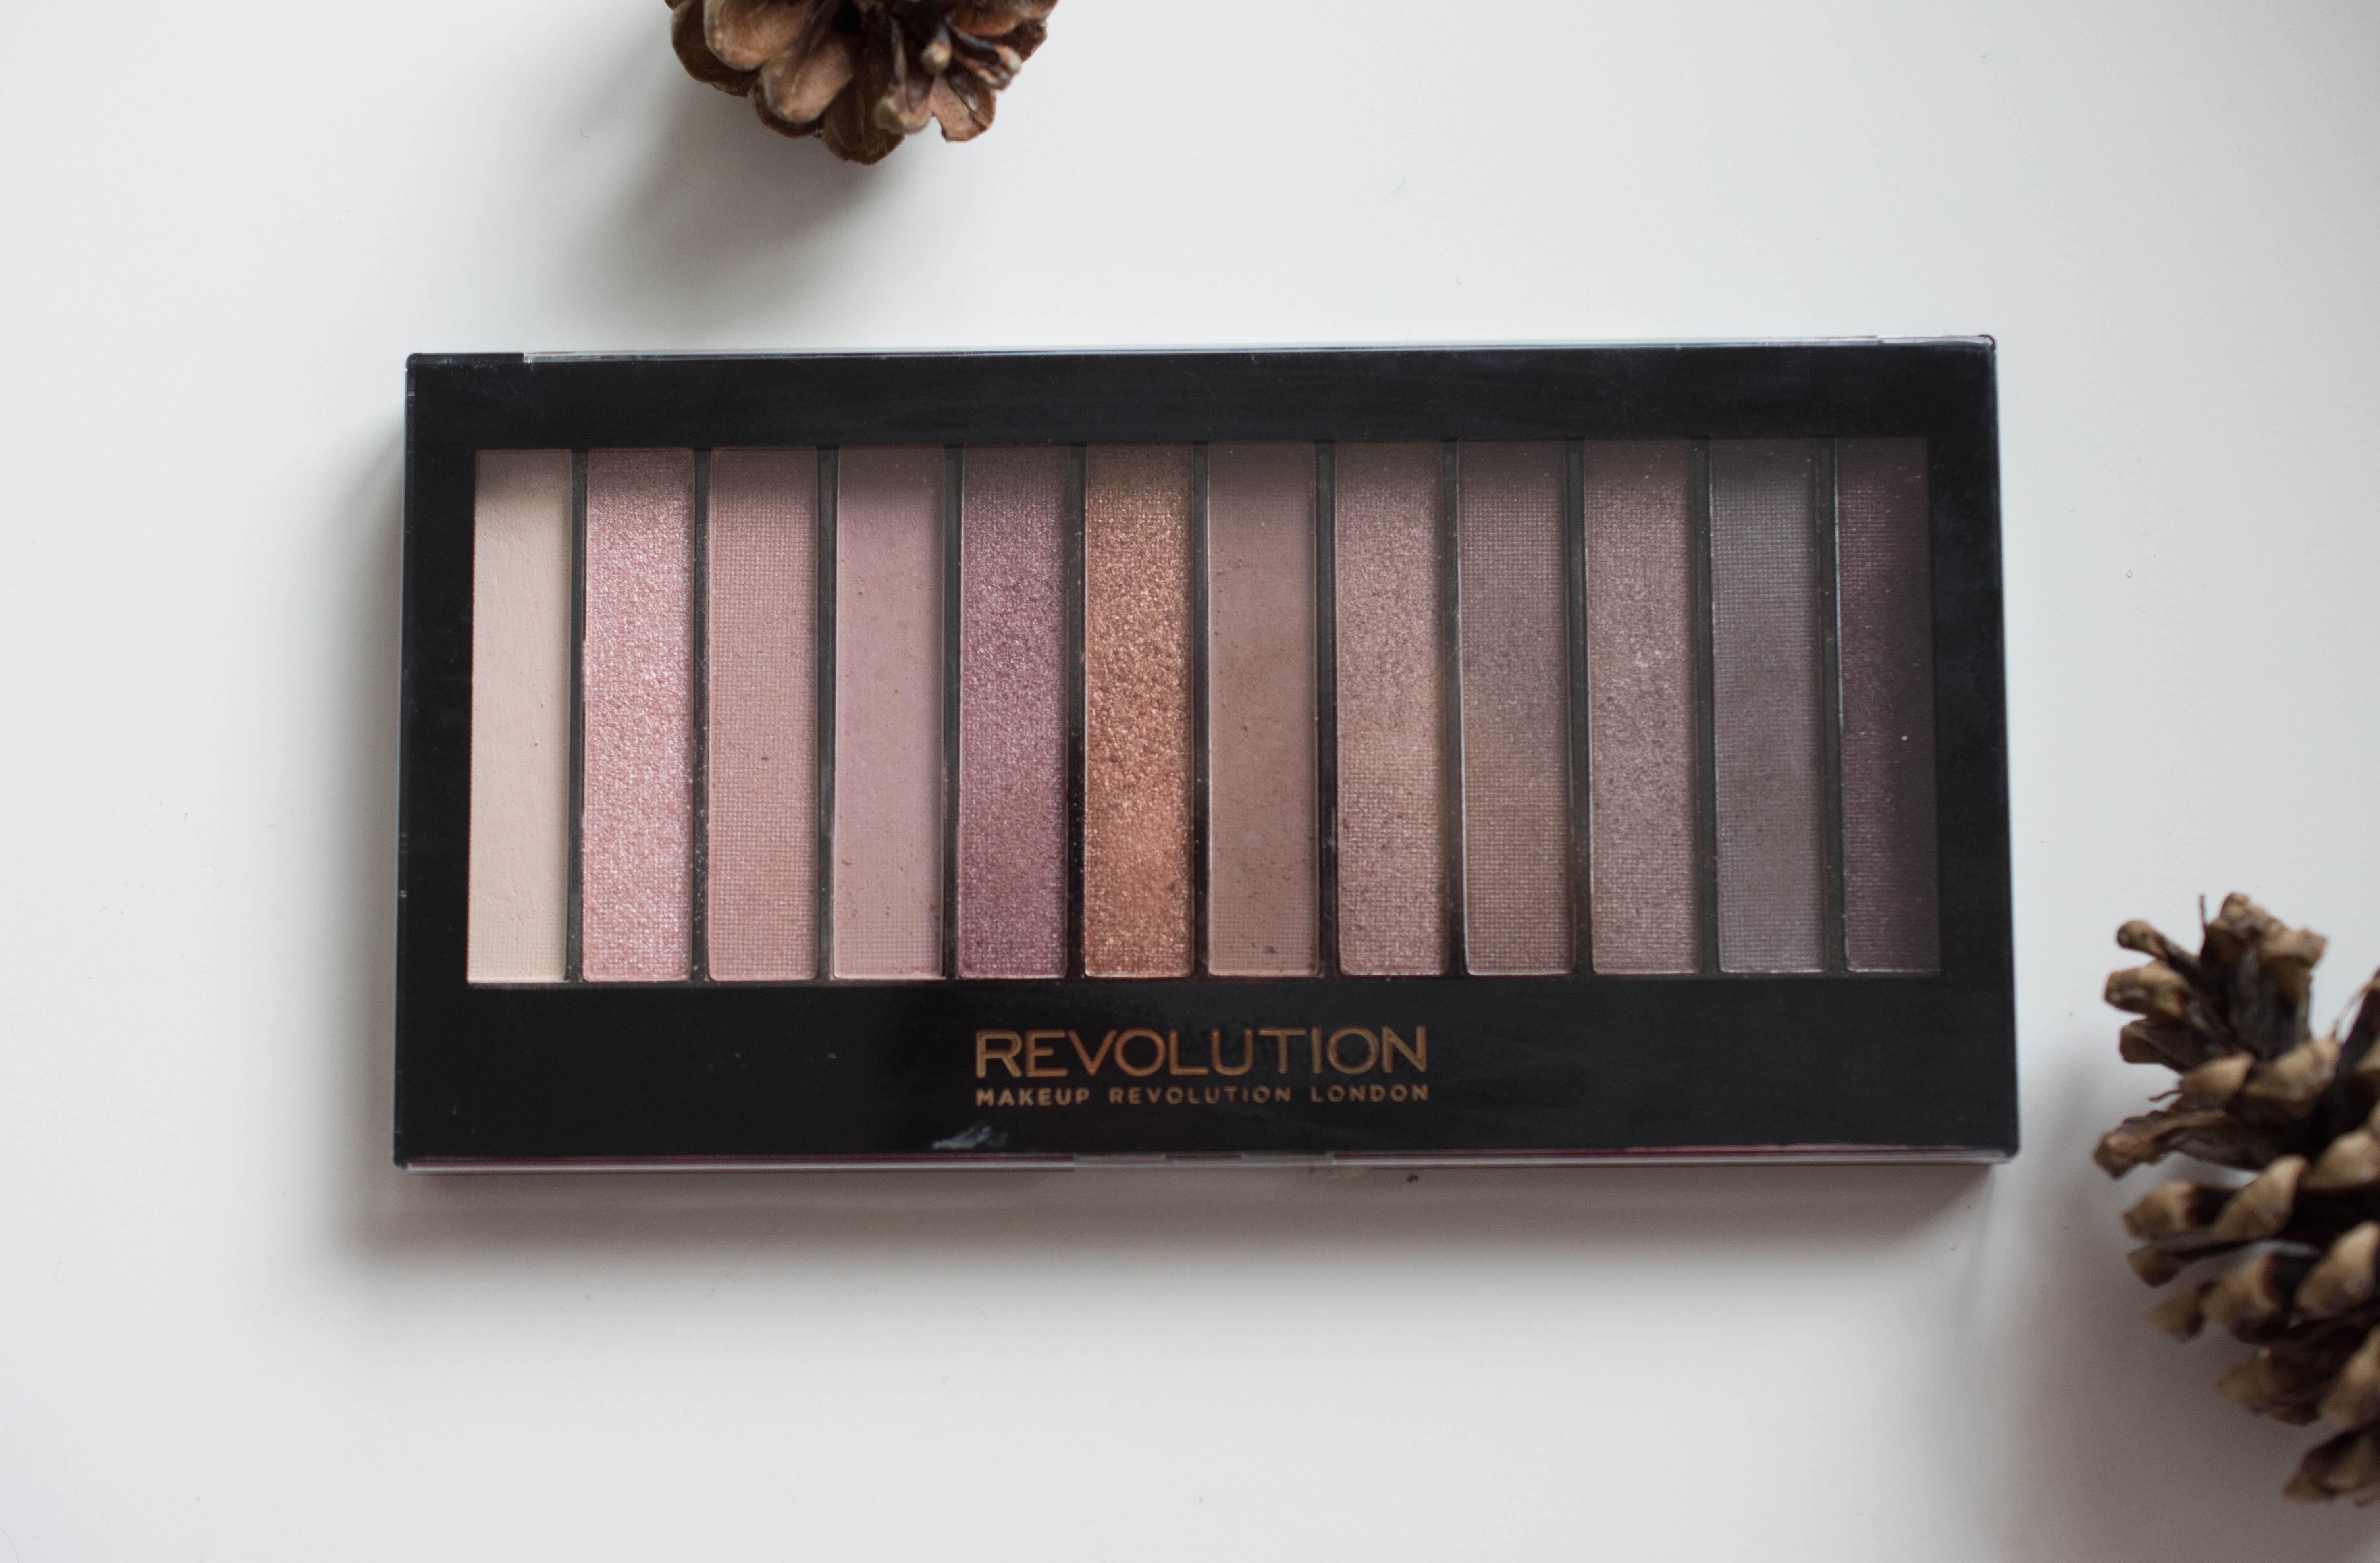 Makeup Revolution London Redemption Iconic 3 palette